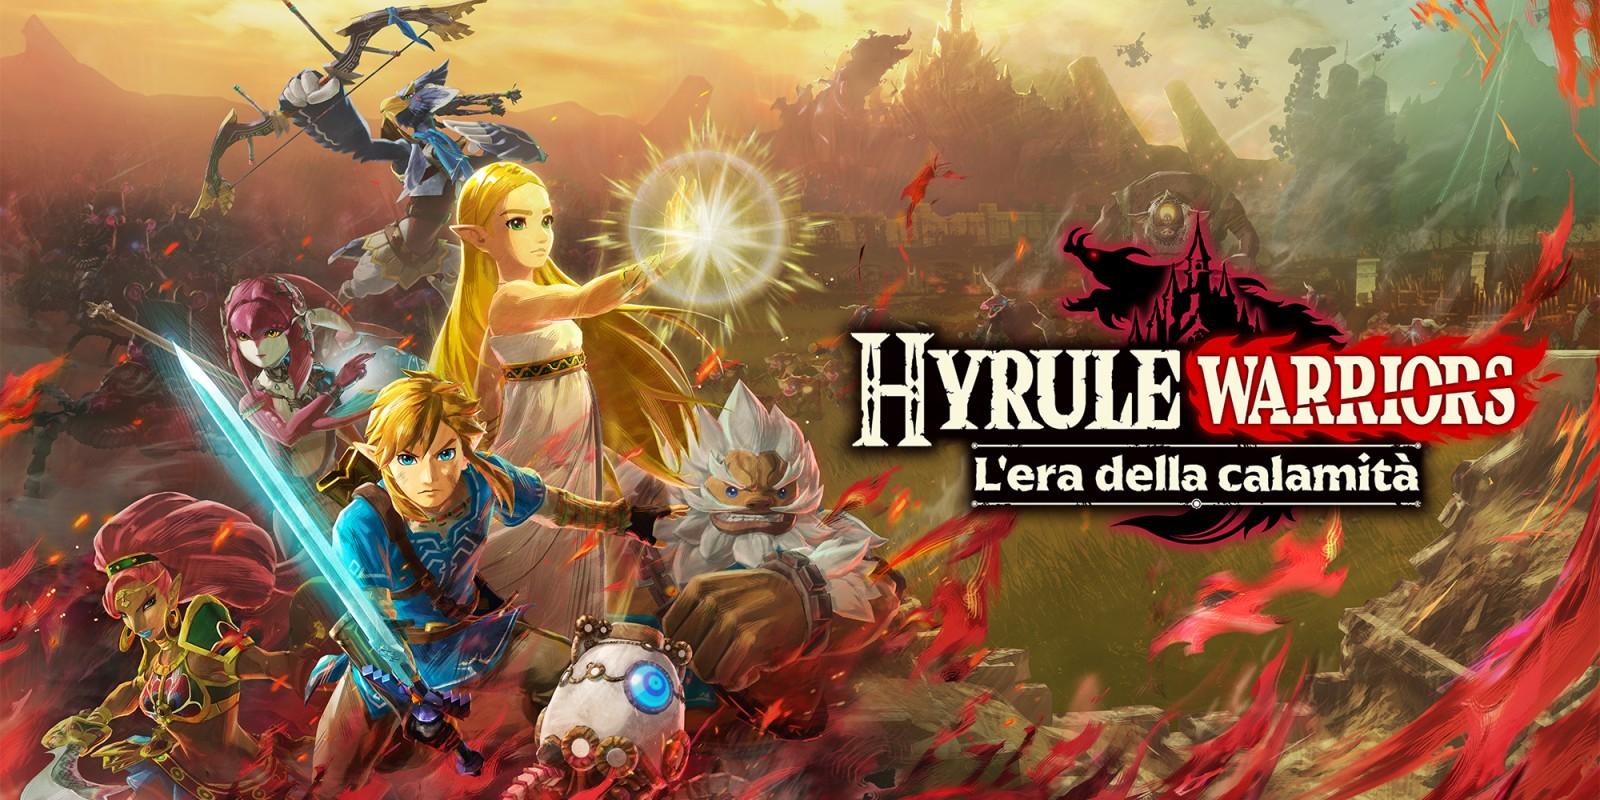 Hyrule Warriors: L'era della calamità | Nintendo Switch | Giochi | Nintendo